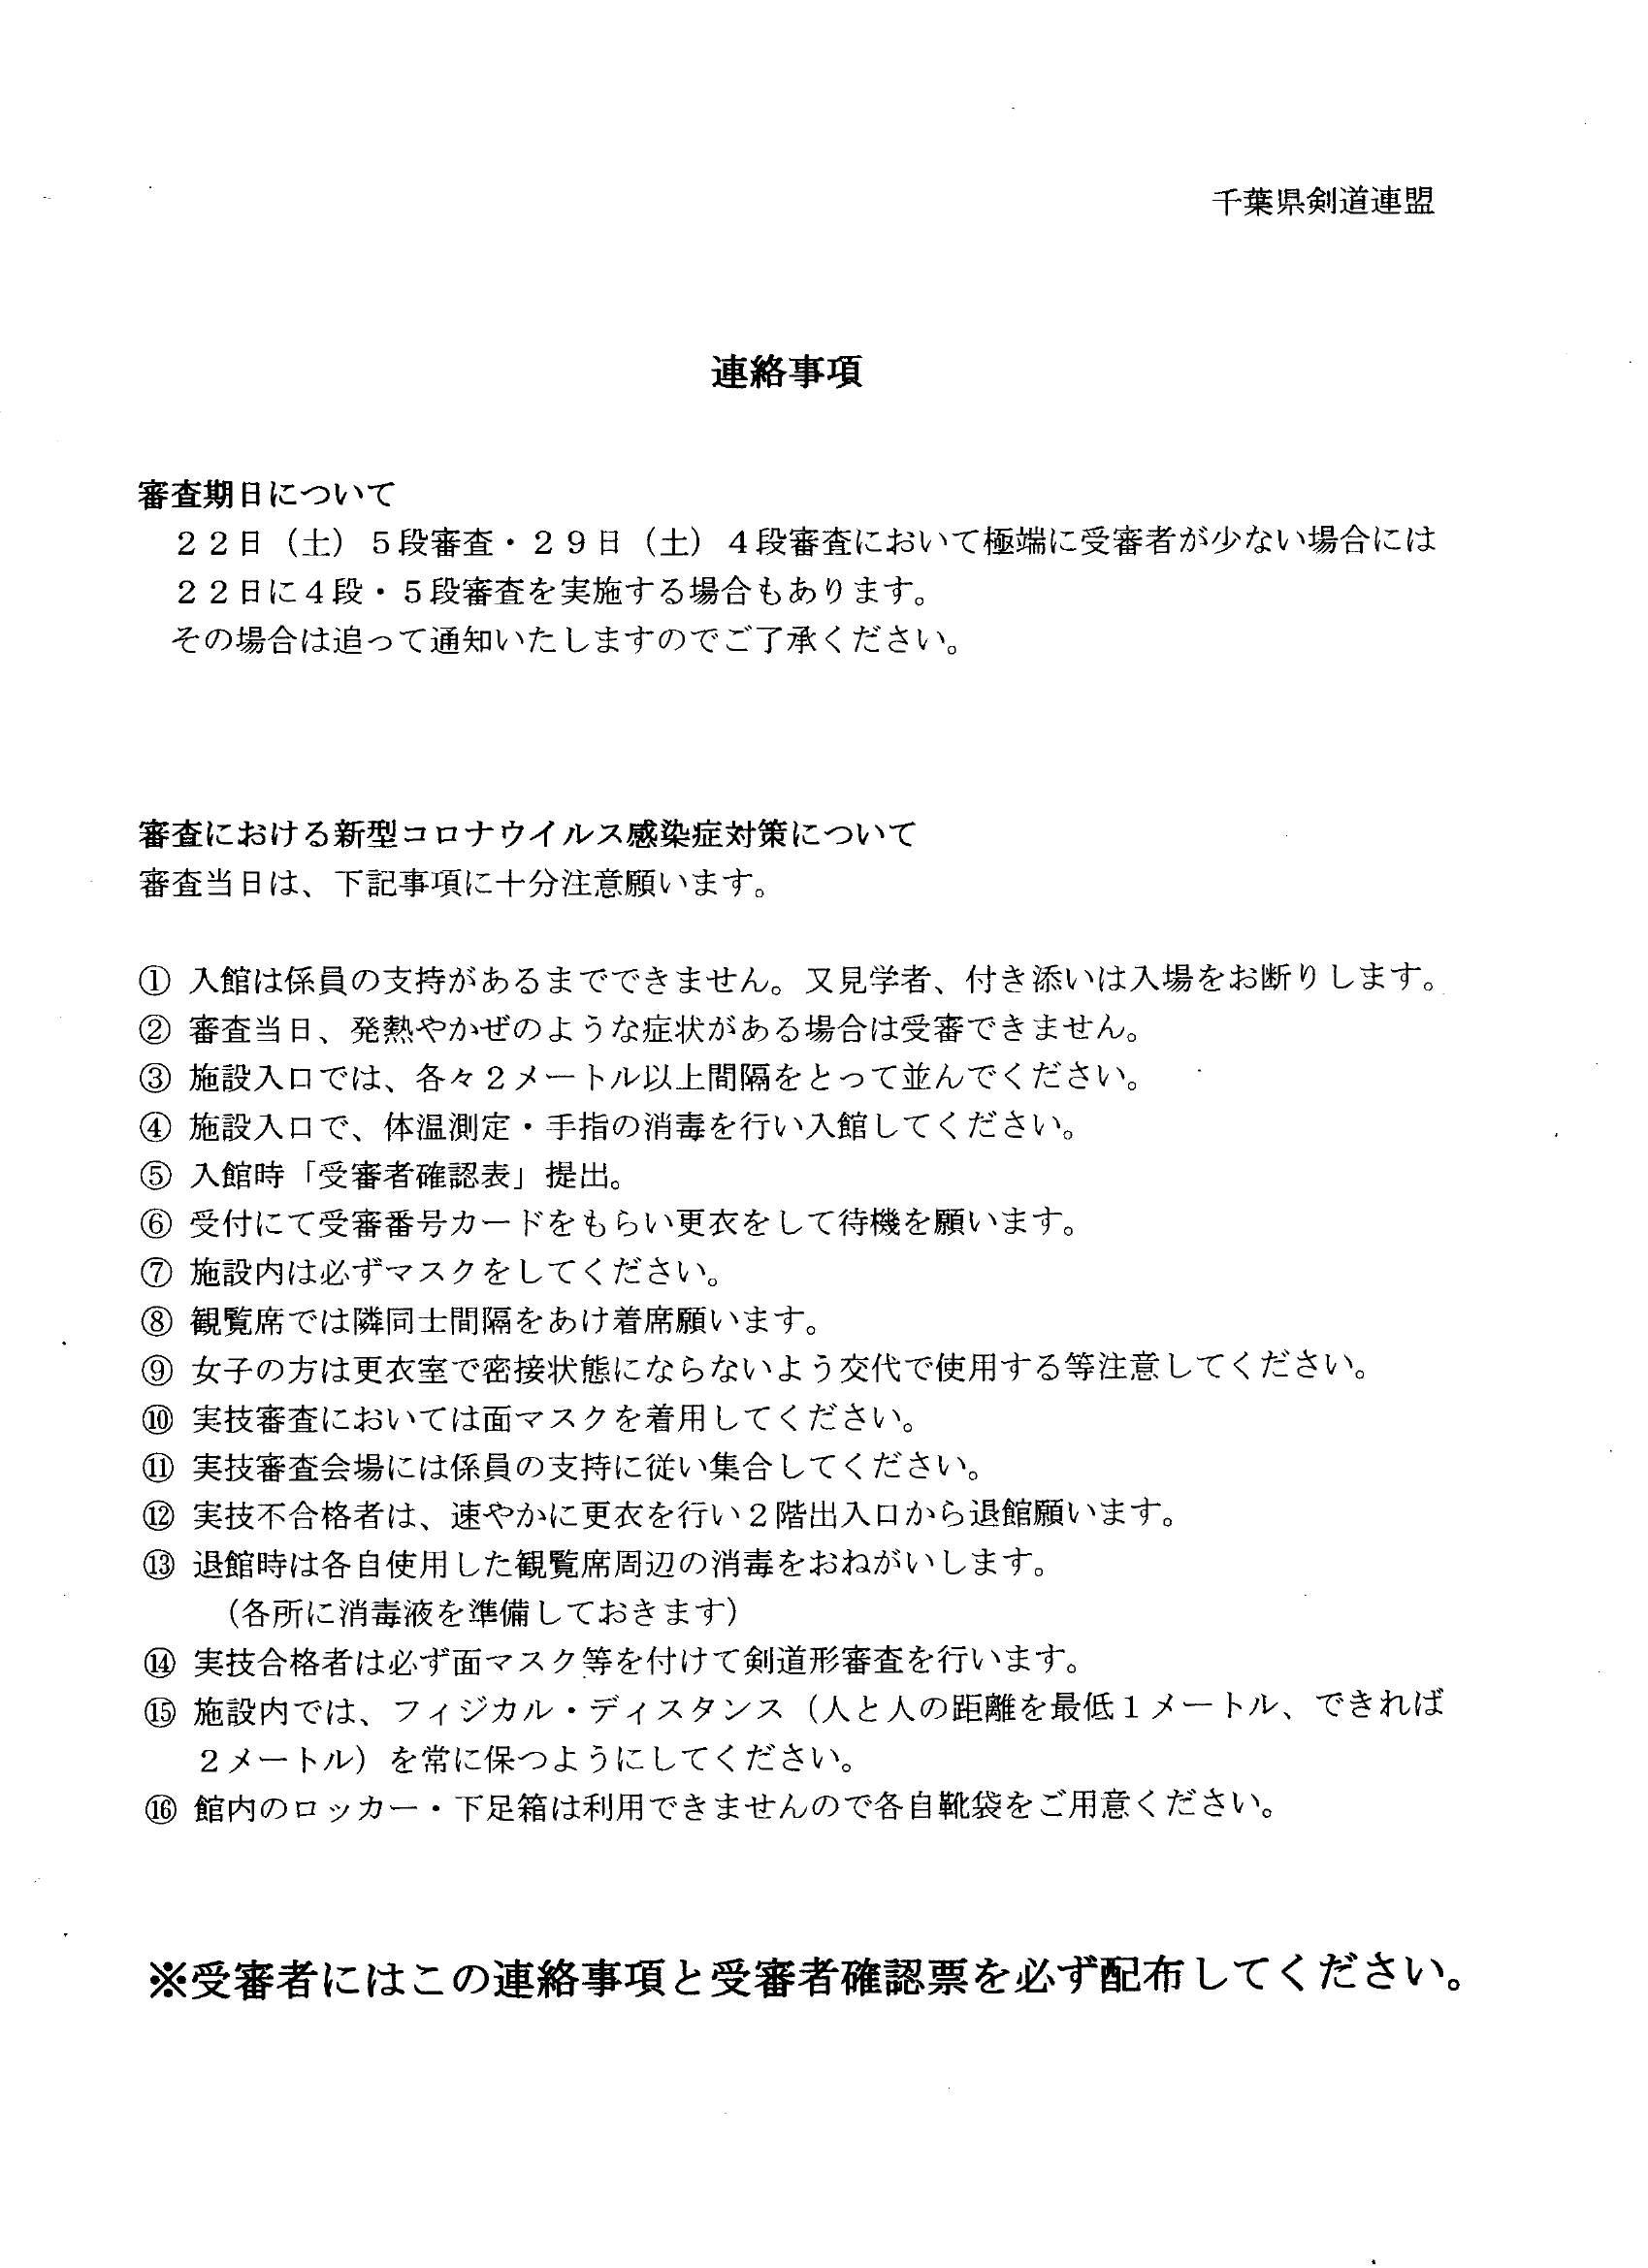 令和2年8月四五段審査会_0005